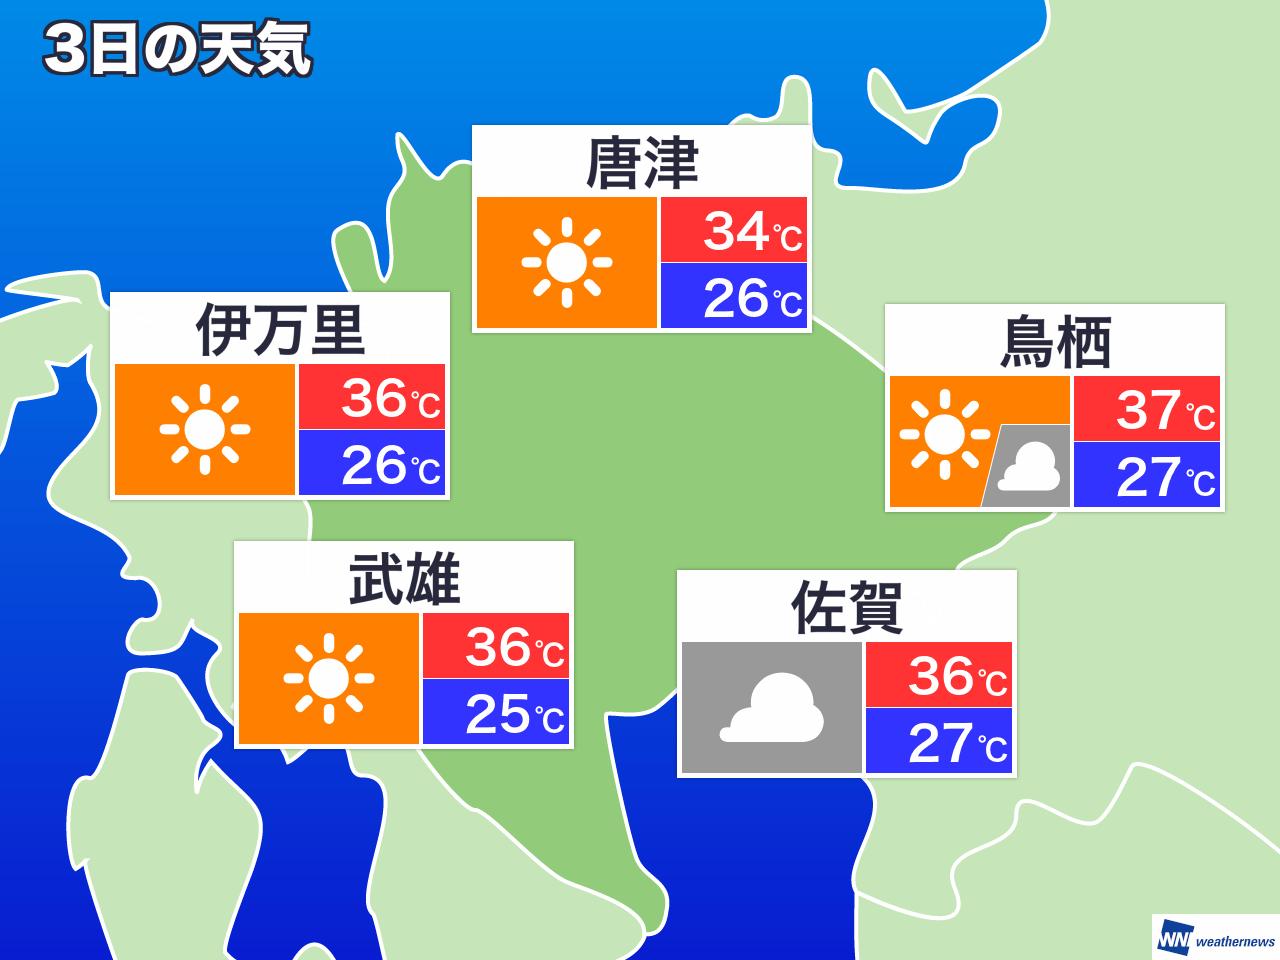 天気 予報 唐津 唐津市の10日間天気(6時間ごと)